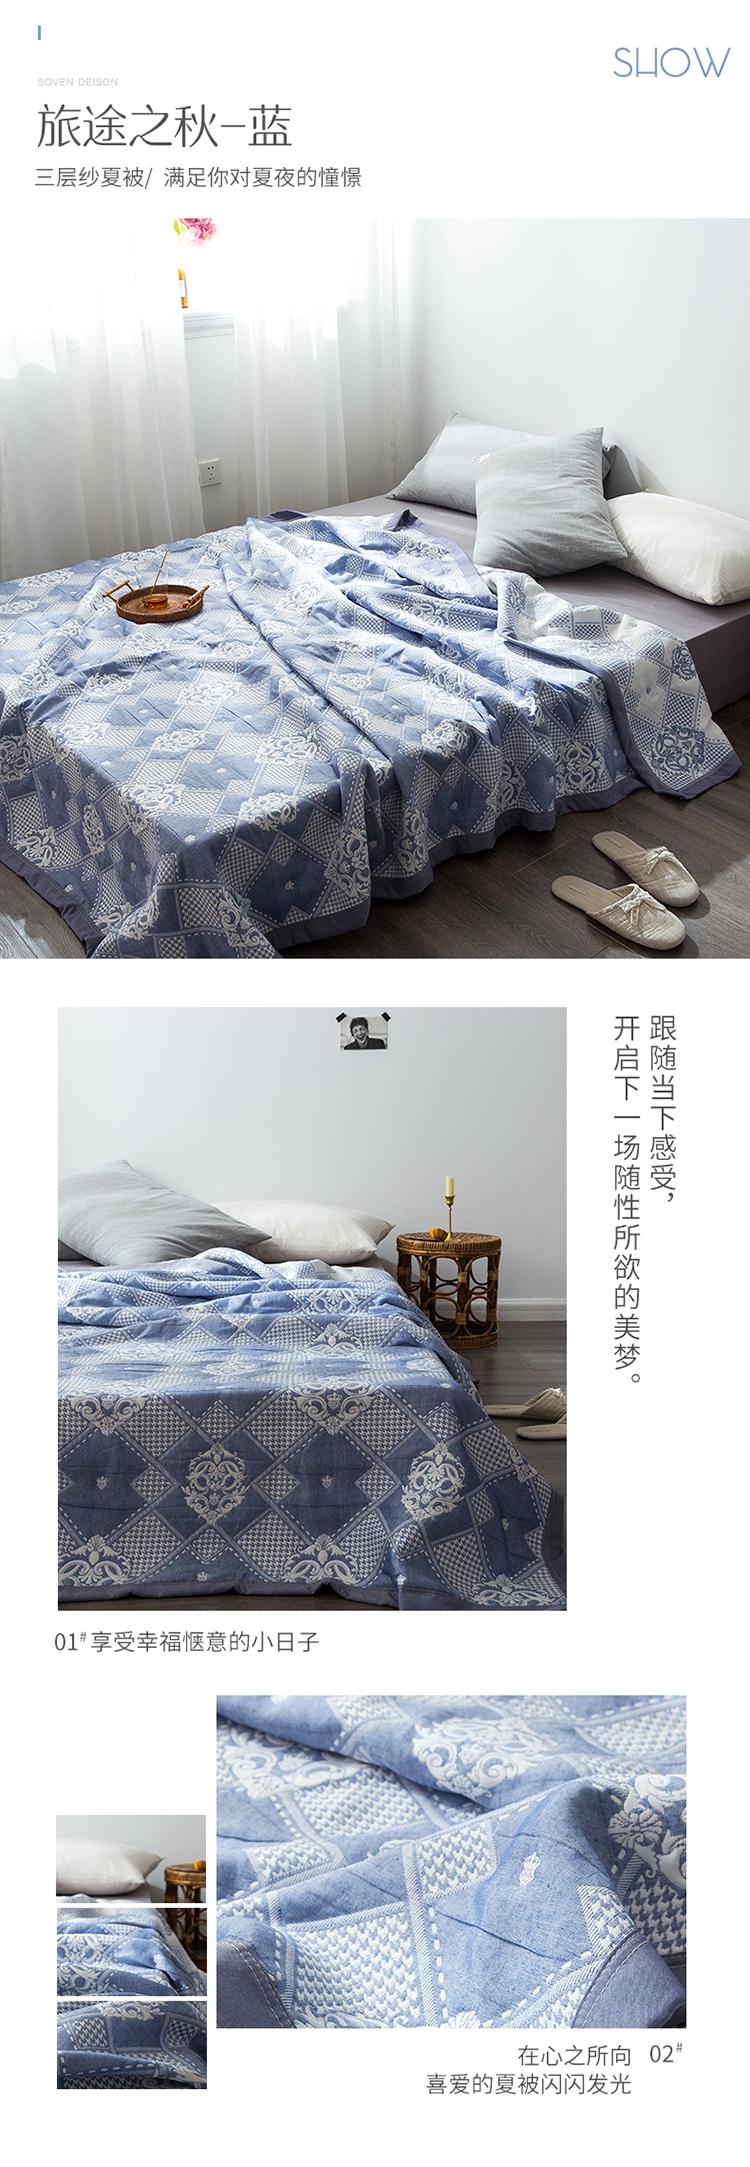 旅途之秋-蓝.jpg